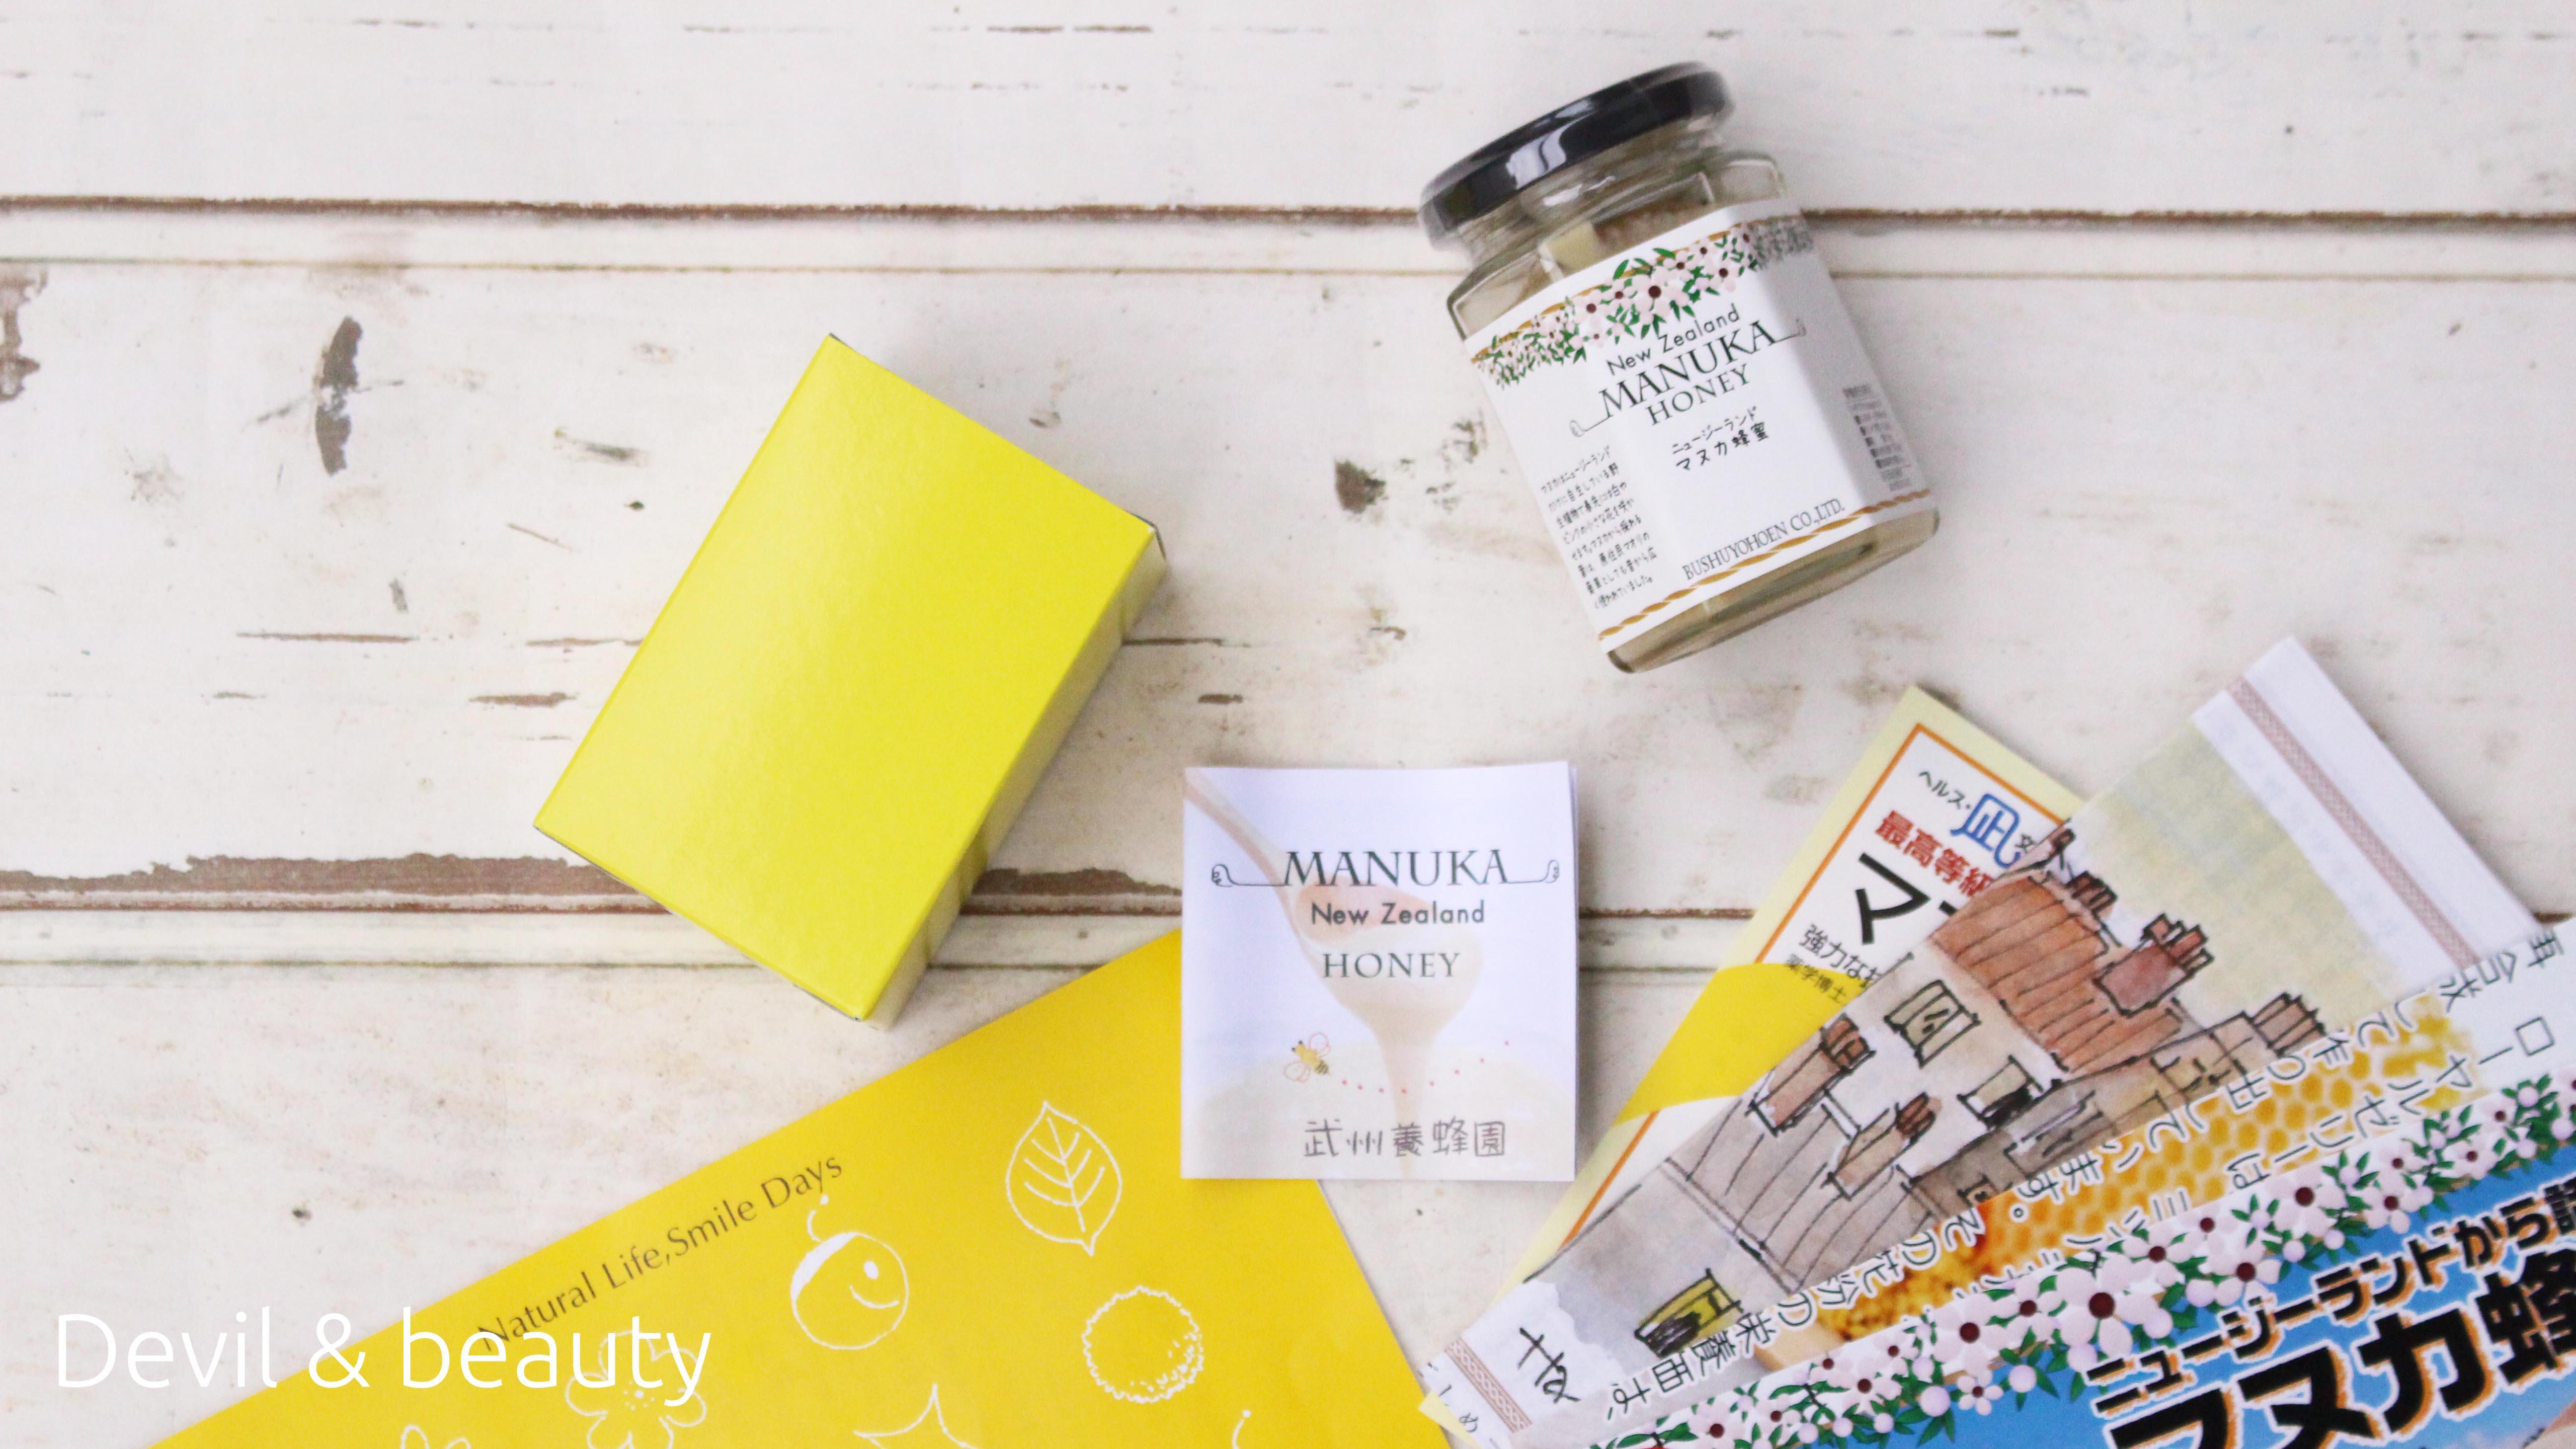 creamy-manuka-honey3 - image